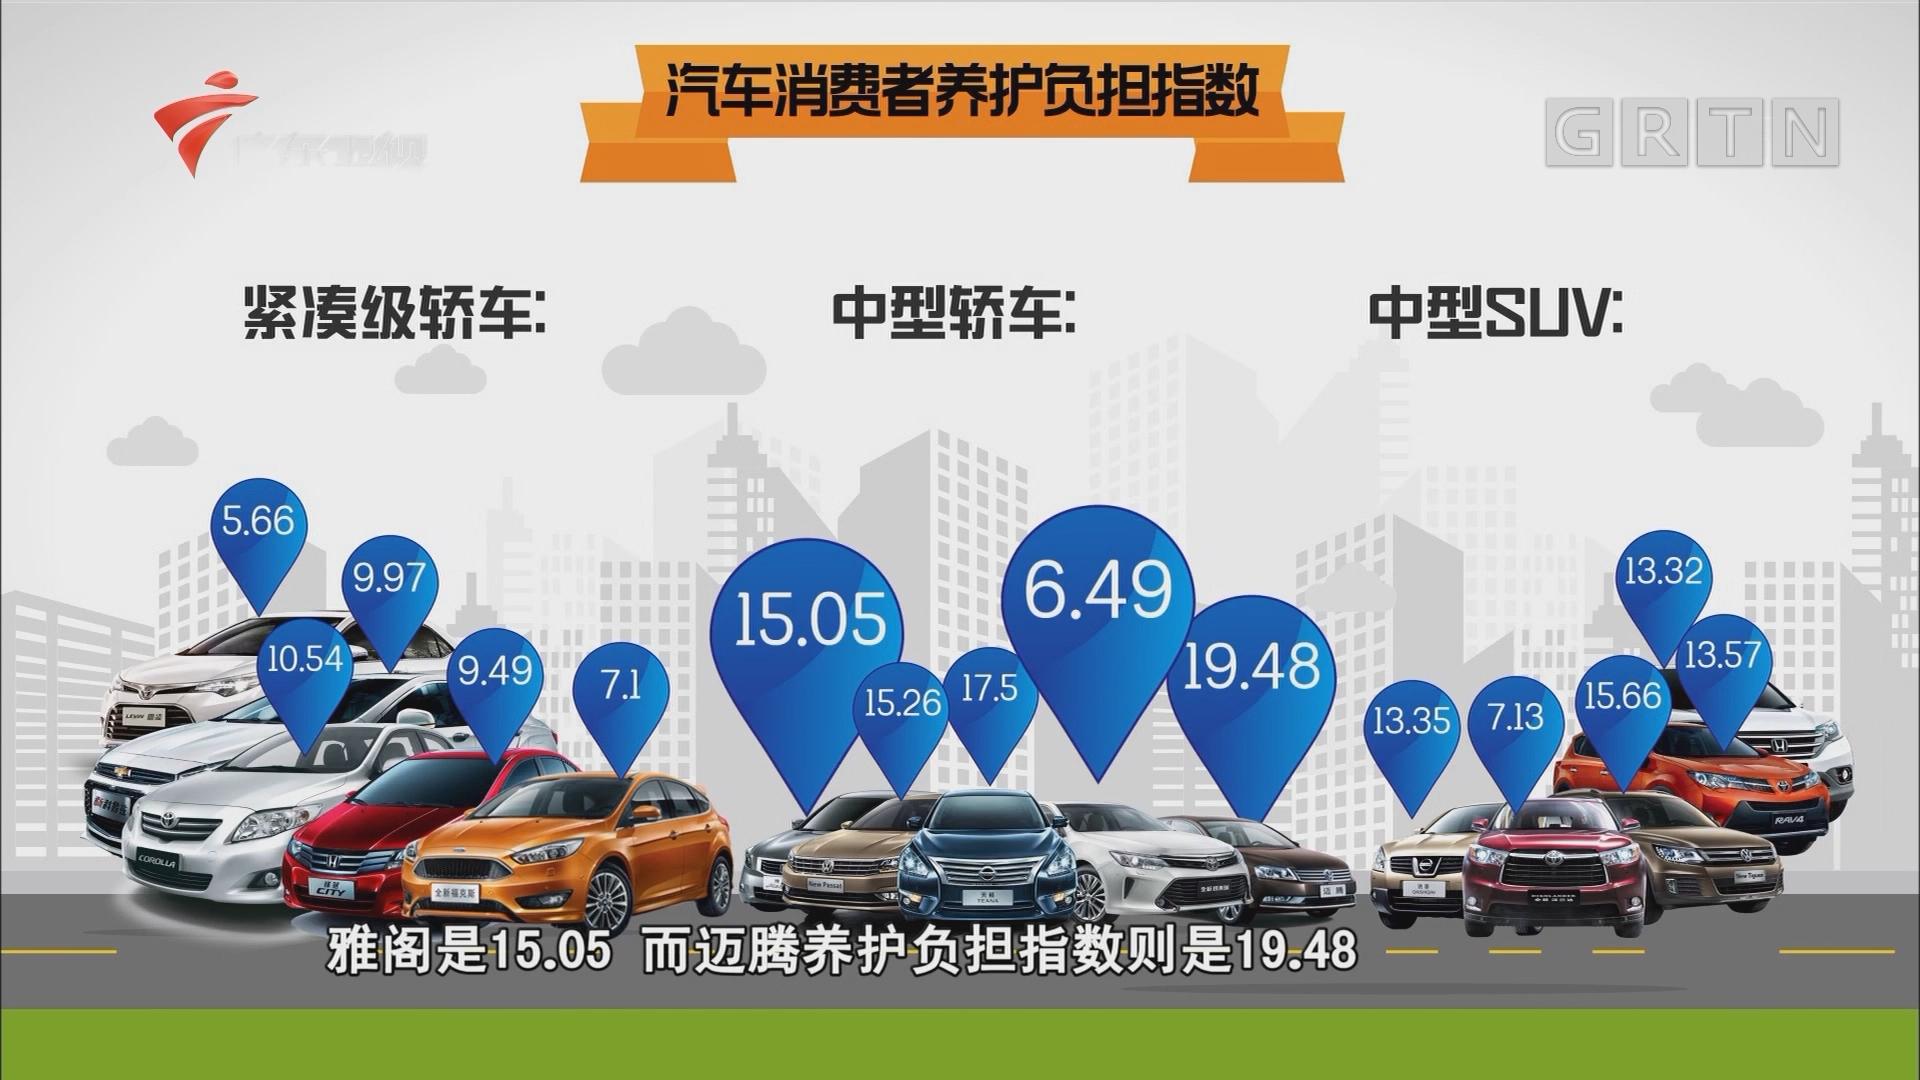 大数据告诉你如何保养汽车